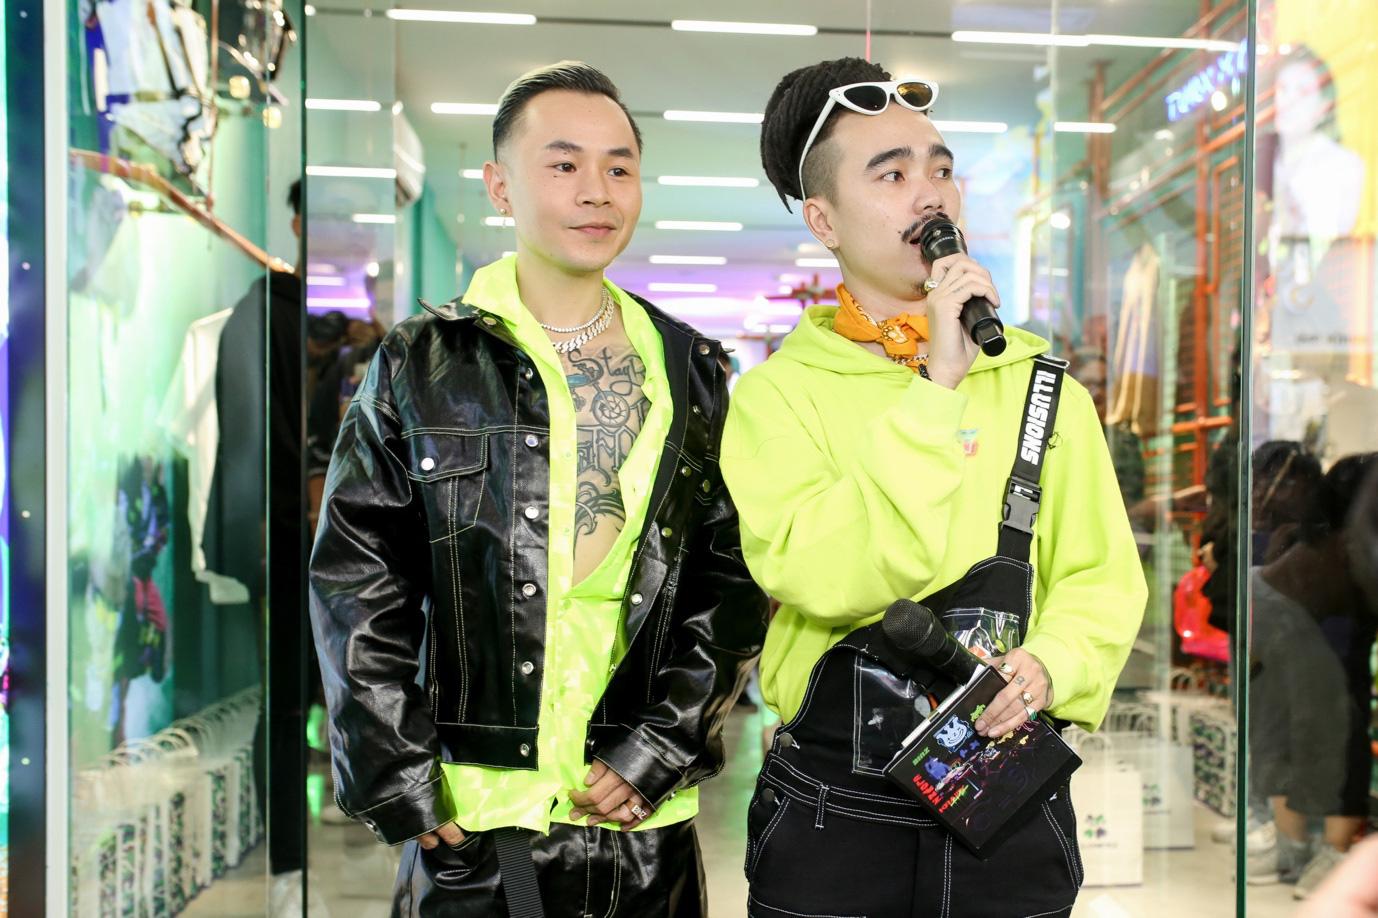 gioi streetwear te tuu dong nghet tham gia buoi ra mat bo suu tap thoi trang chuan xin clownzxbinz